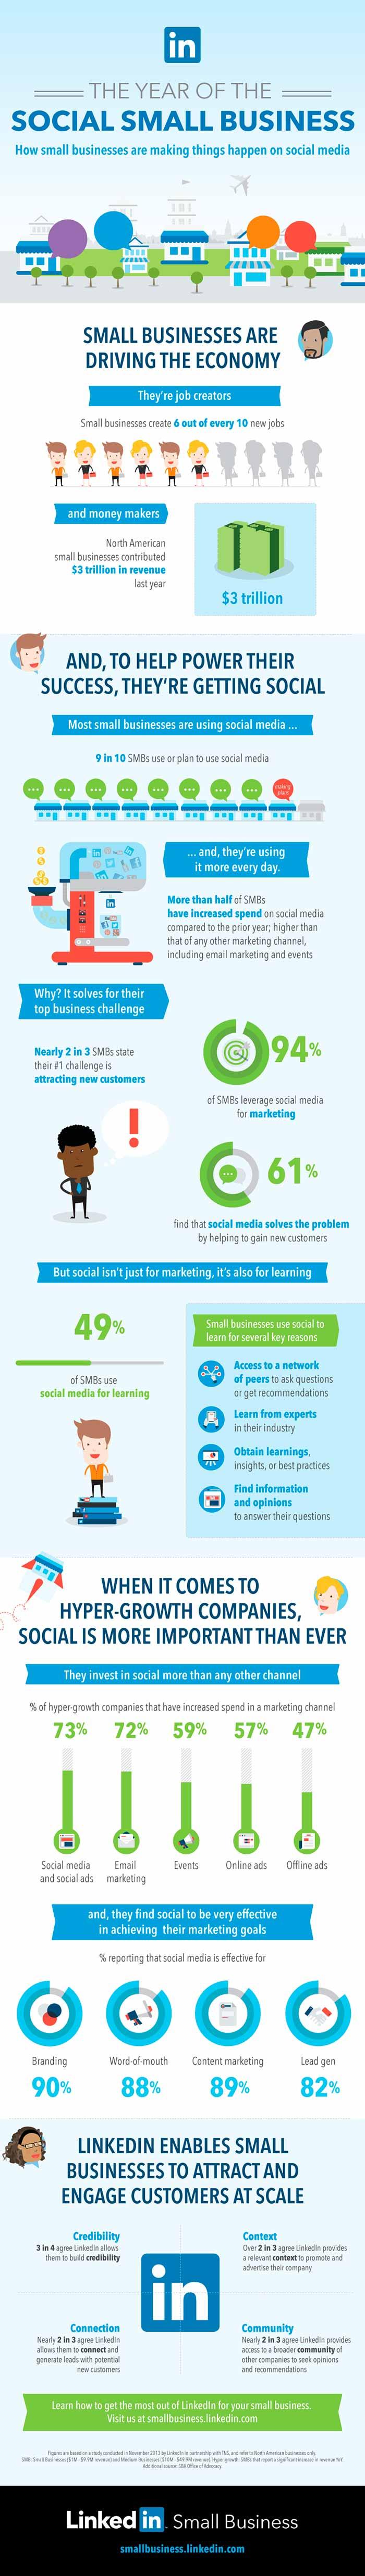 Infografia sobre las ventajas de las redes sociales en las pequeñas empresas